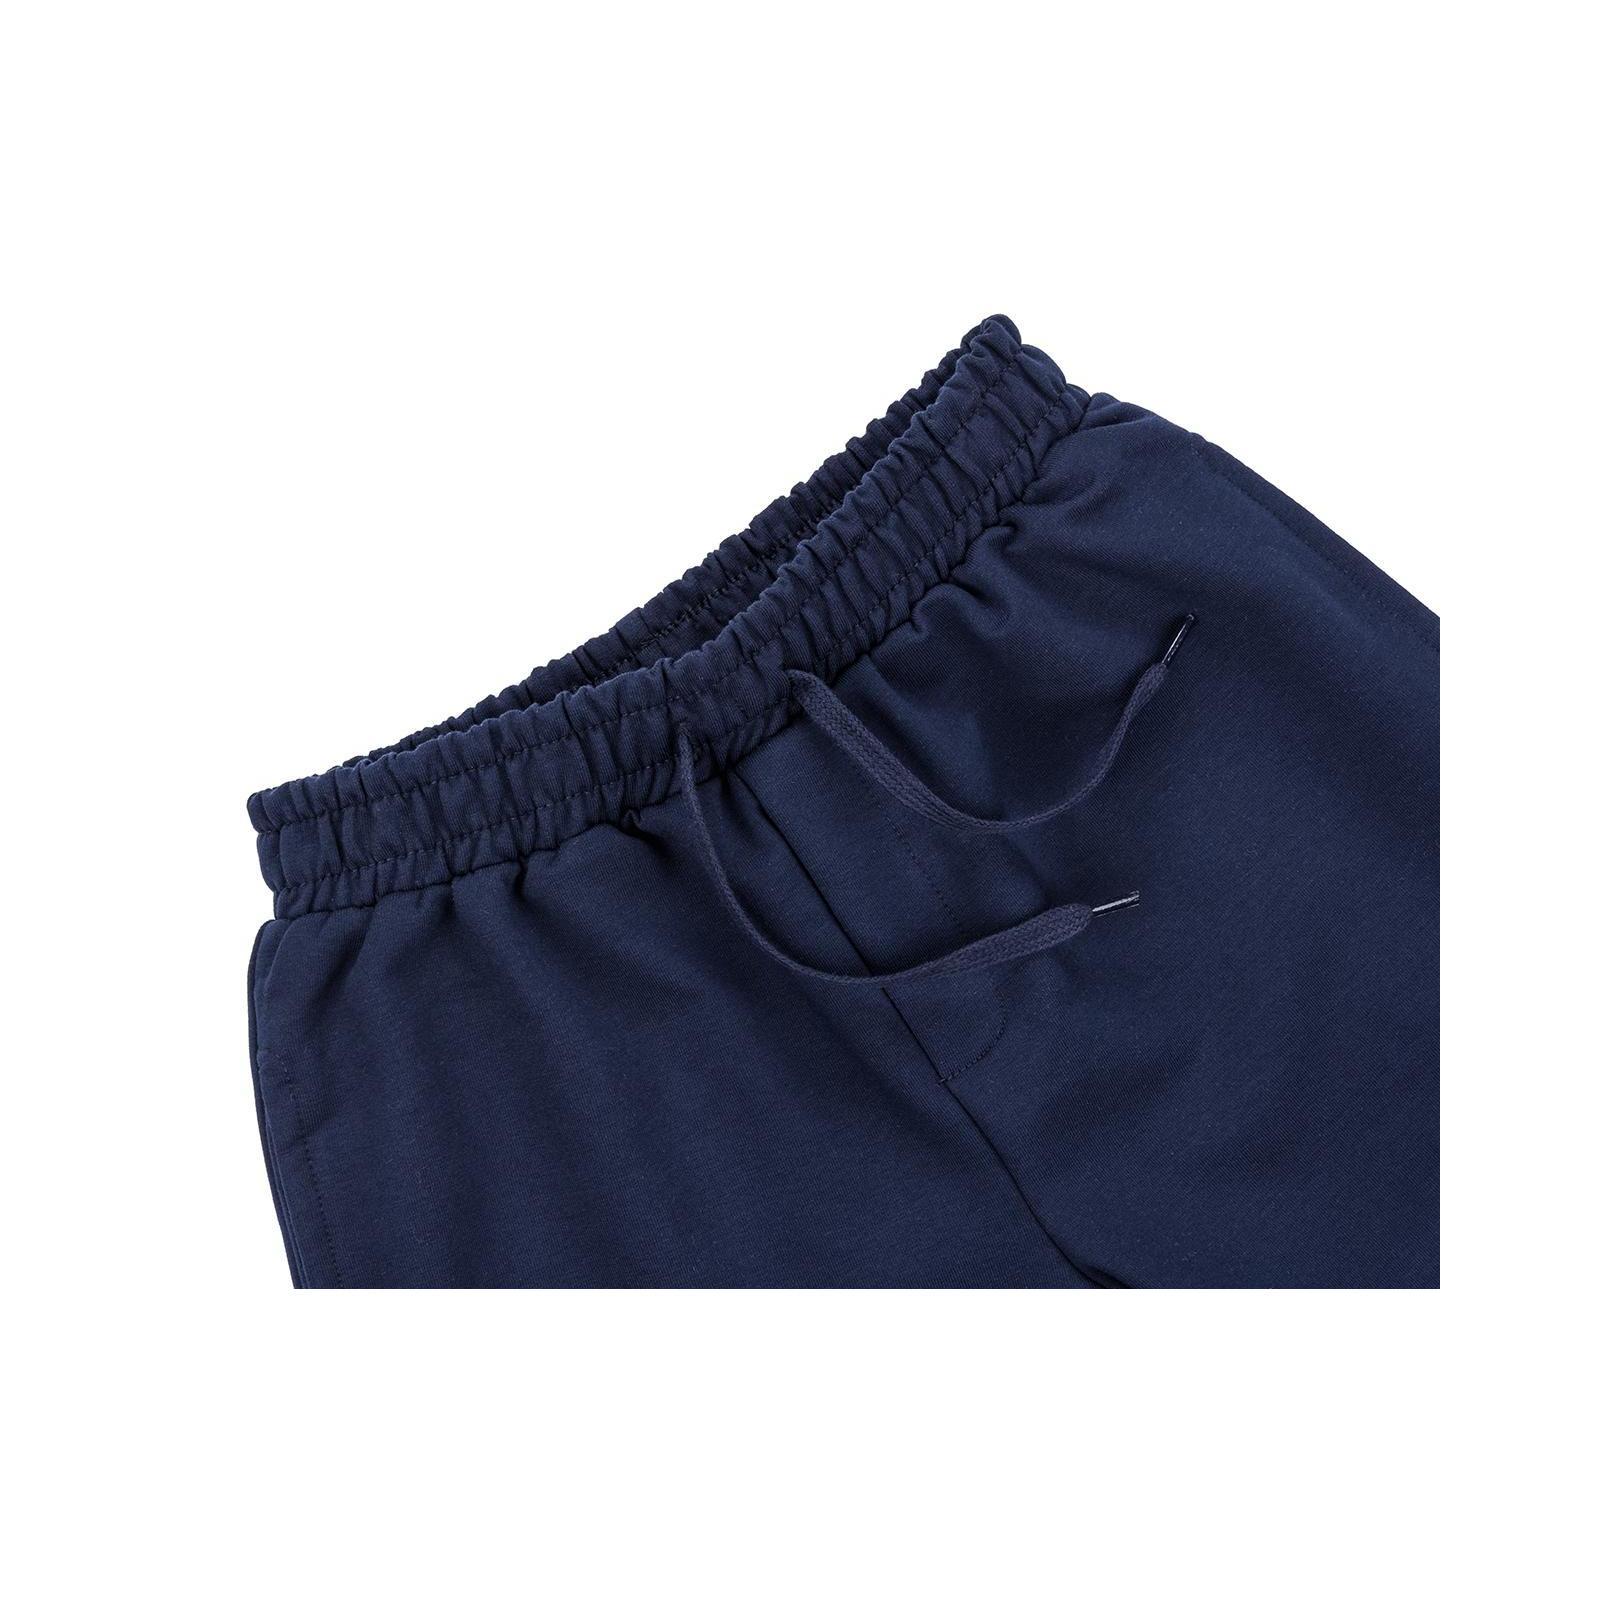 Шорты Breeze трикотажные с карманами (10755-164B-blue) изображение 3